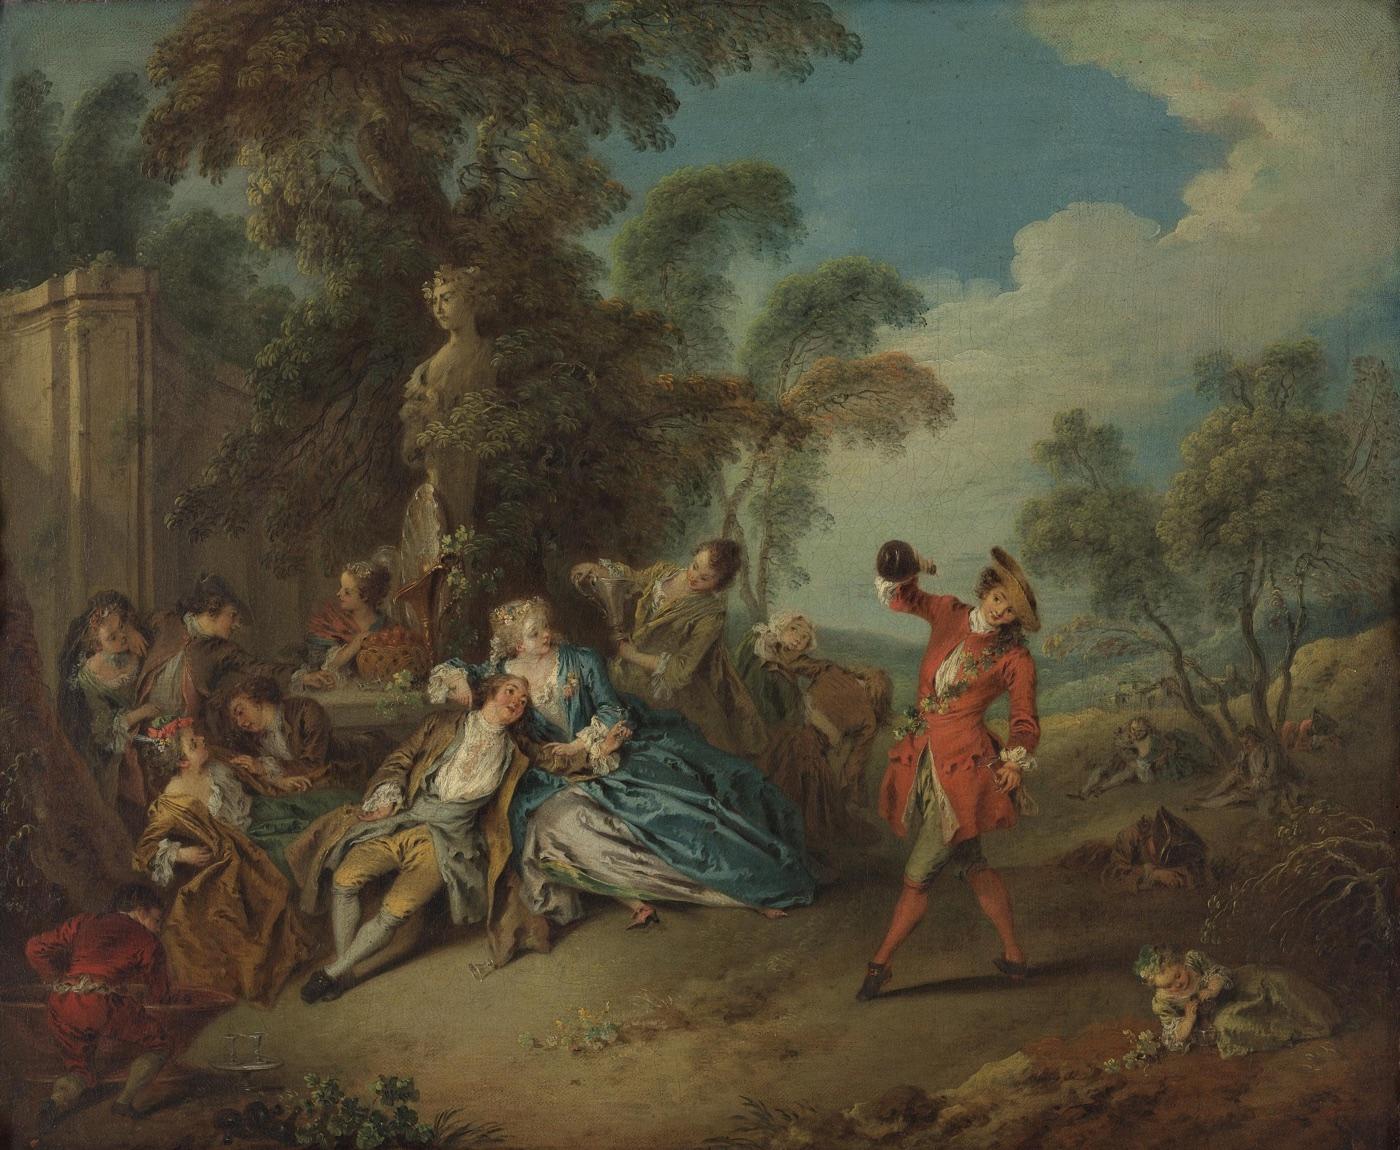 Las alegrías de la vida en el campo (sobre 1730), de Jean-Baptiste Pater-1